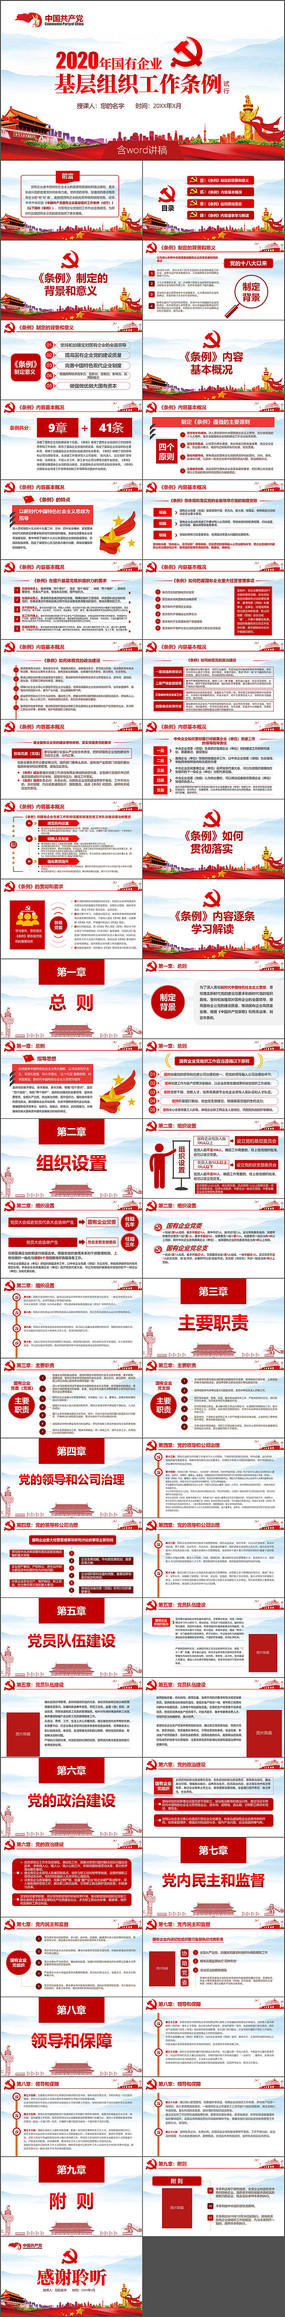 中国共产党ppt